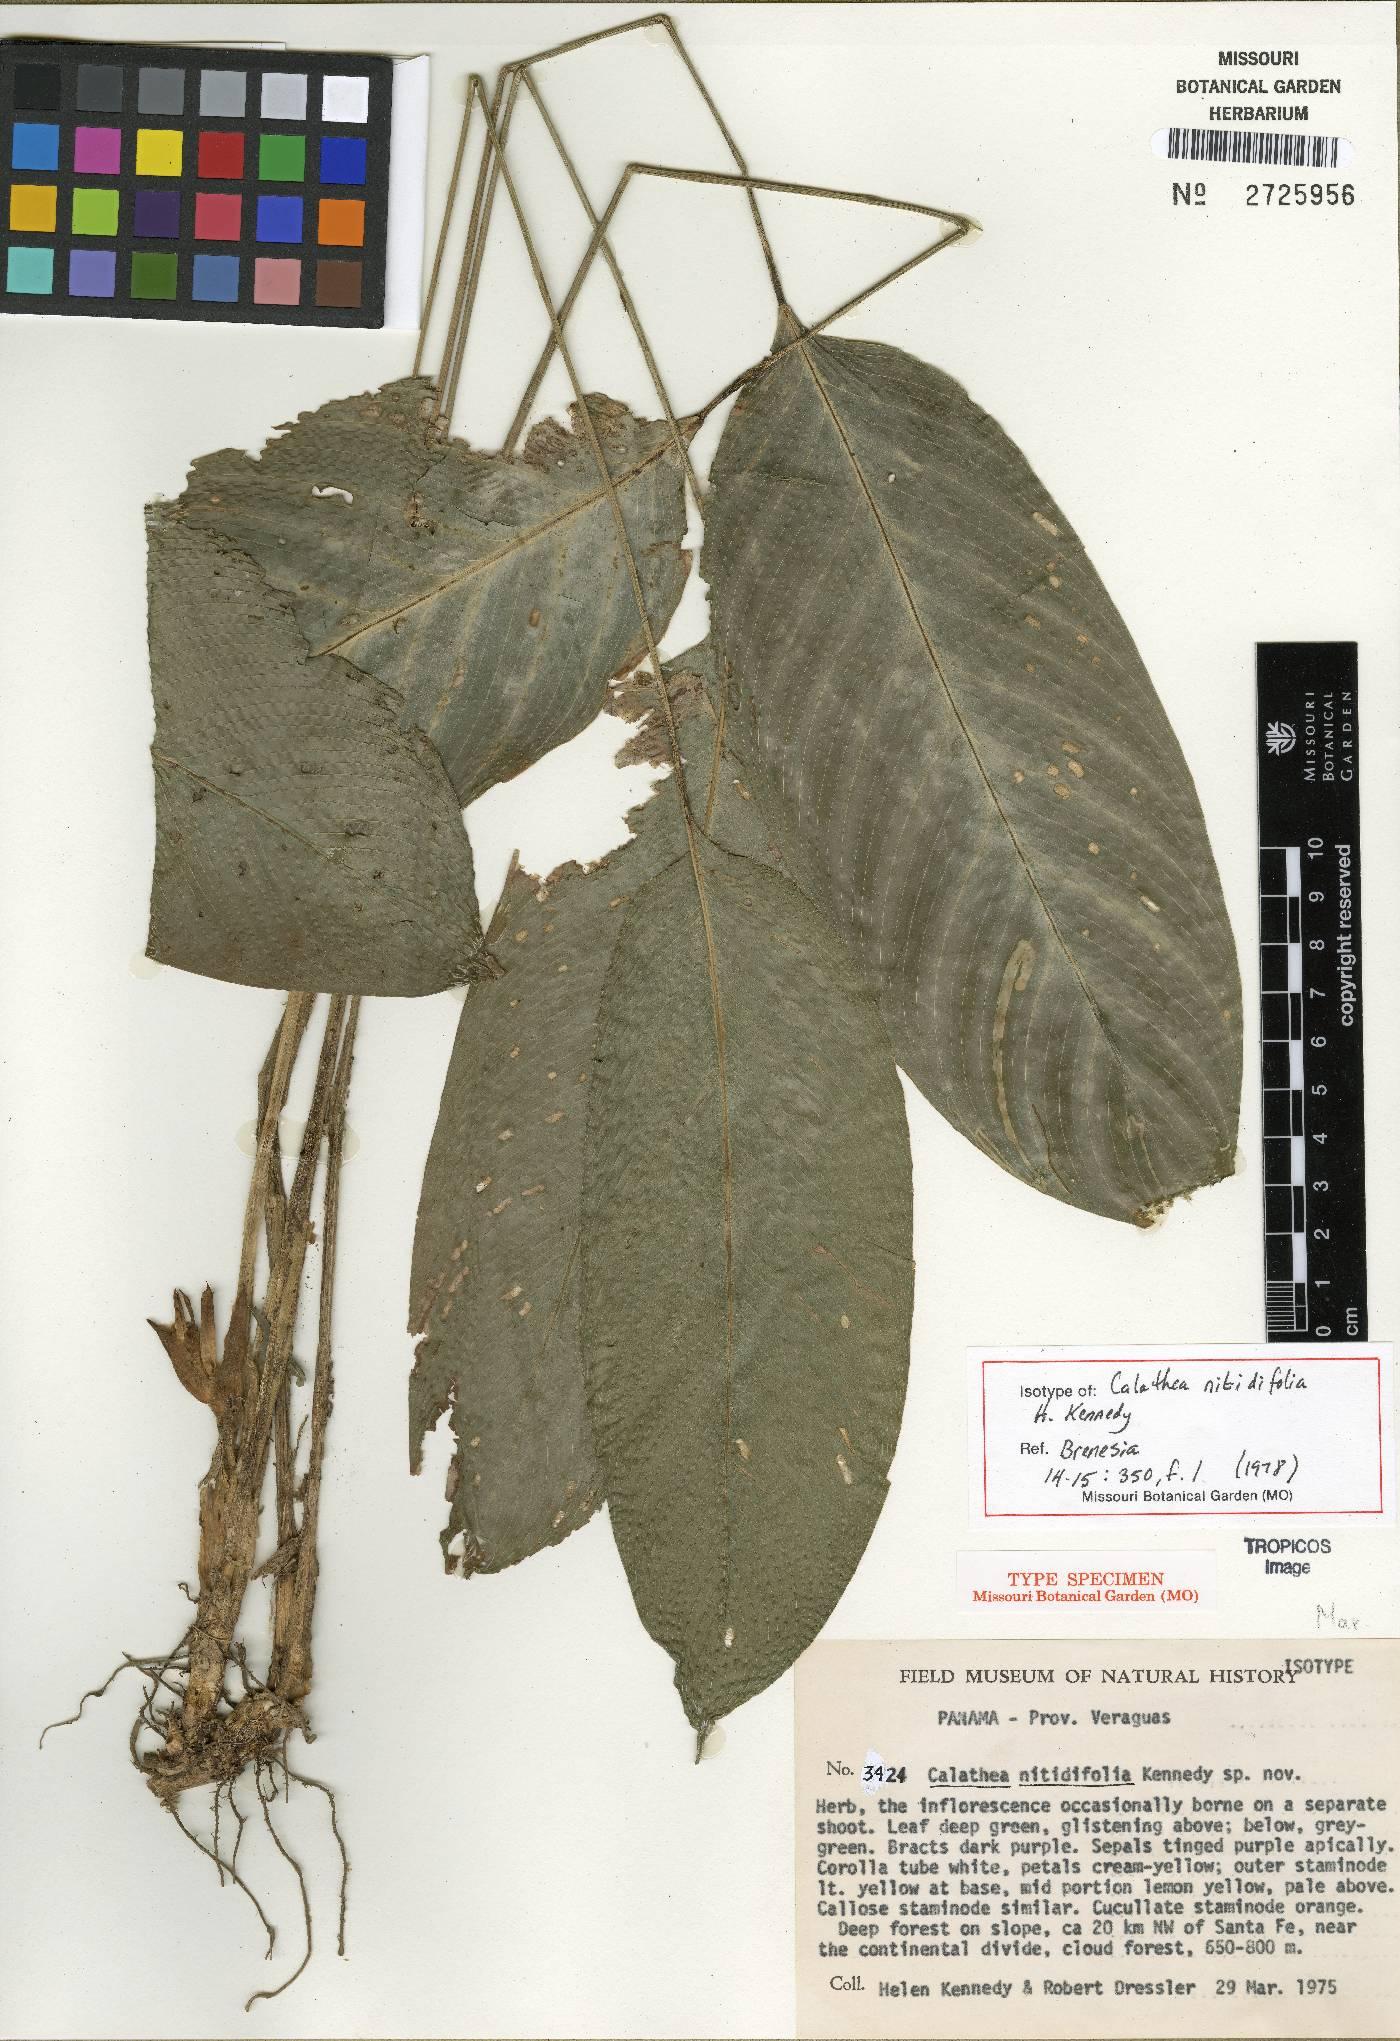 Calathea nitidifolia image